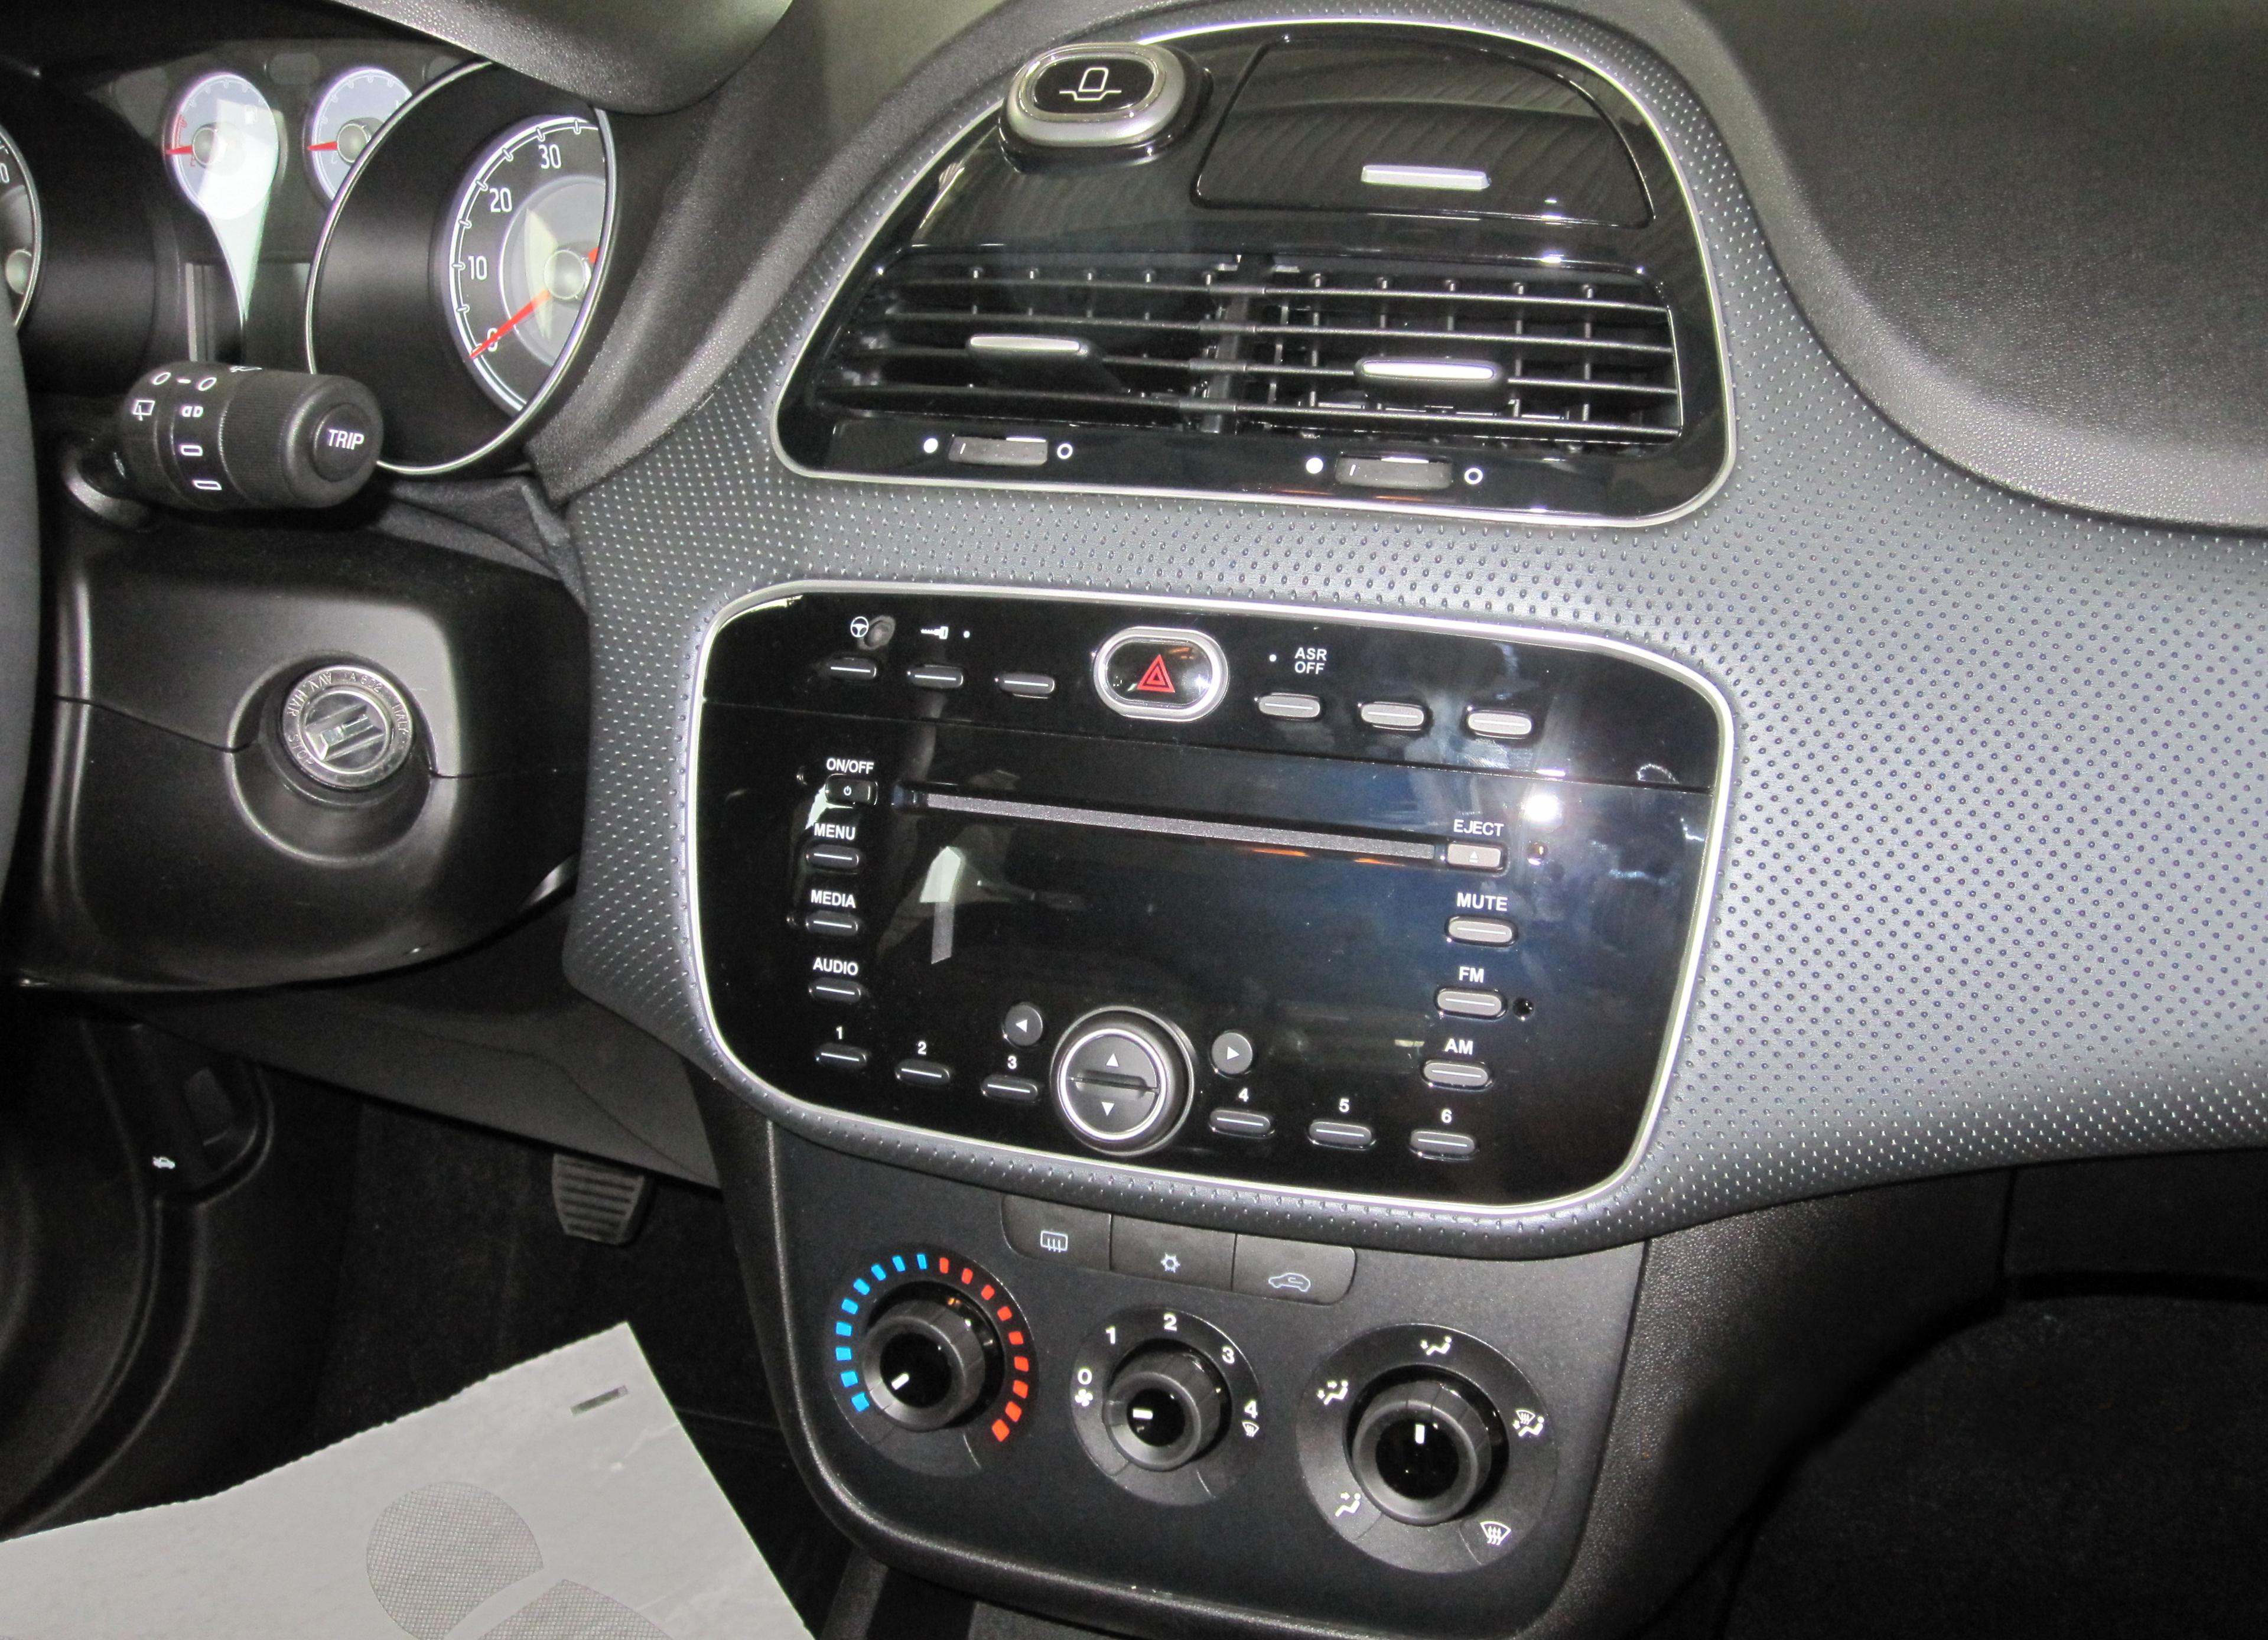 Fiat Punto Evo - Wikipedia on fiat ritmo, fiat stilo, fiat cinquecento, fiat coupe, fiat barchetta, fiat 500 abarth, fiat spider, fiat marea, fiat 500 turbo, fiat cars, fiat bravo, fiat x1/9, fiat panda, fiat doblo, fiat multipla, fiat linea, fiat 500l, fiat seicento,